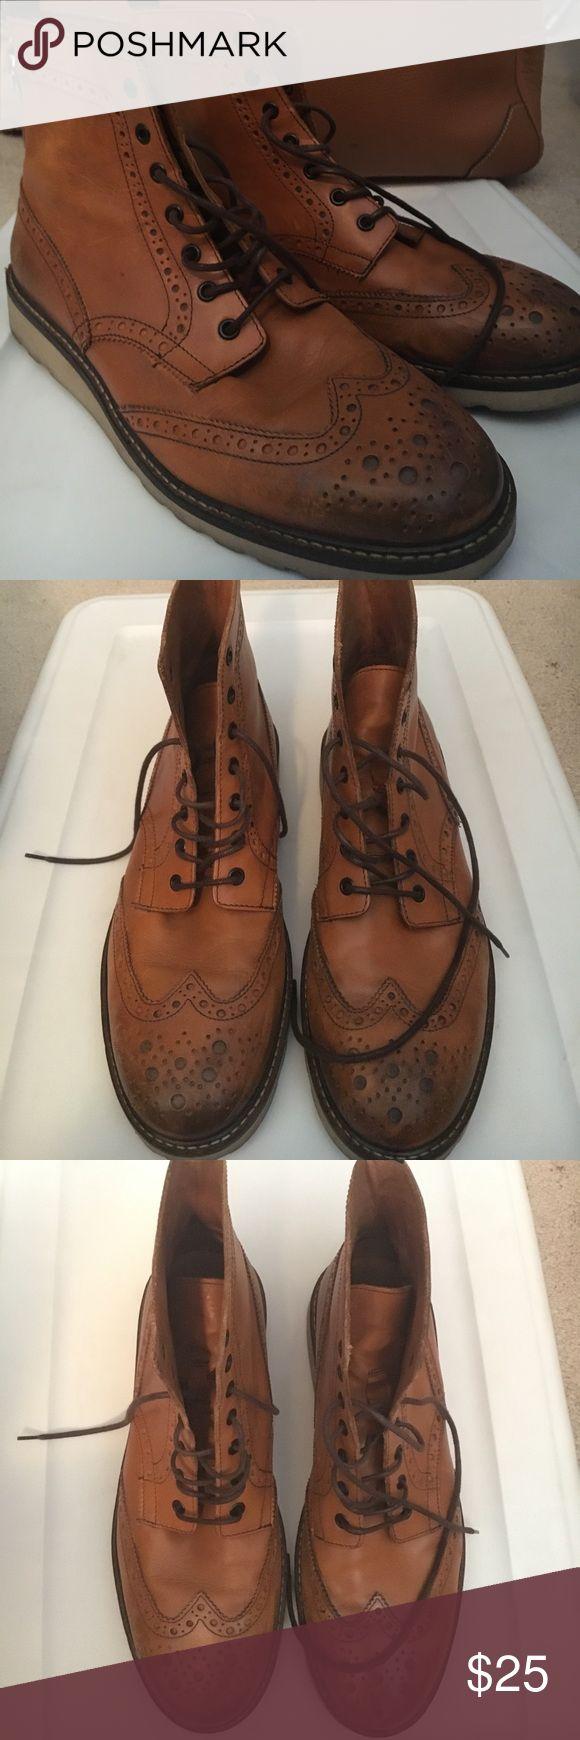 Men's ALDO brown boots sz 11  wingtip boots Men's ALDO boots size 11 brown boots Aldo Shoes Boots